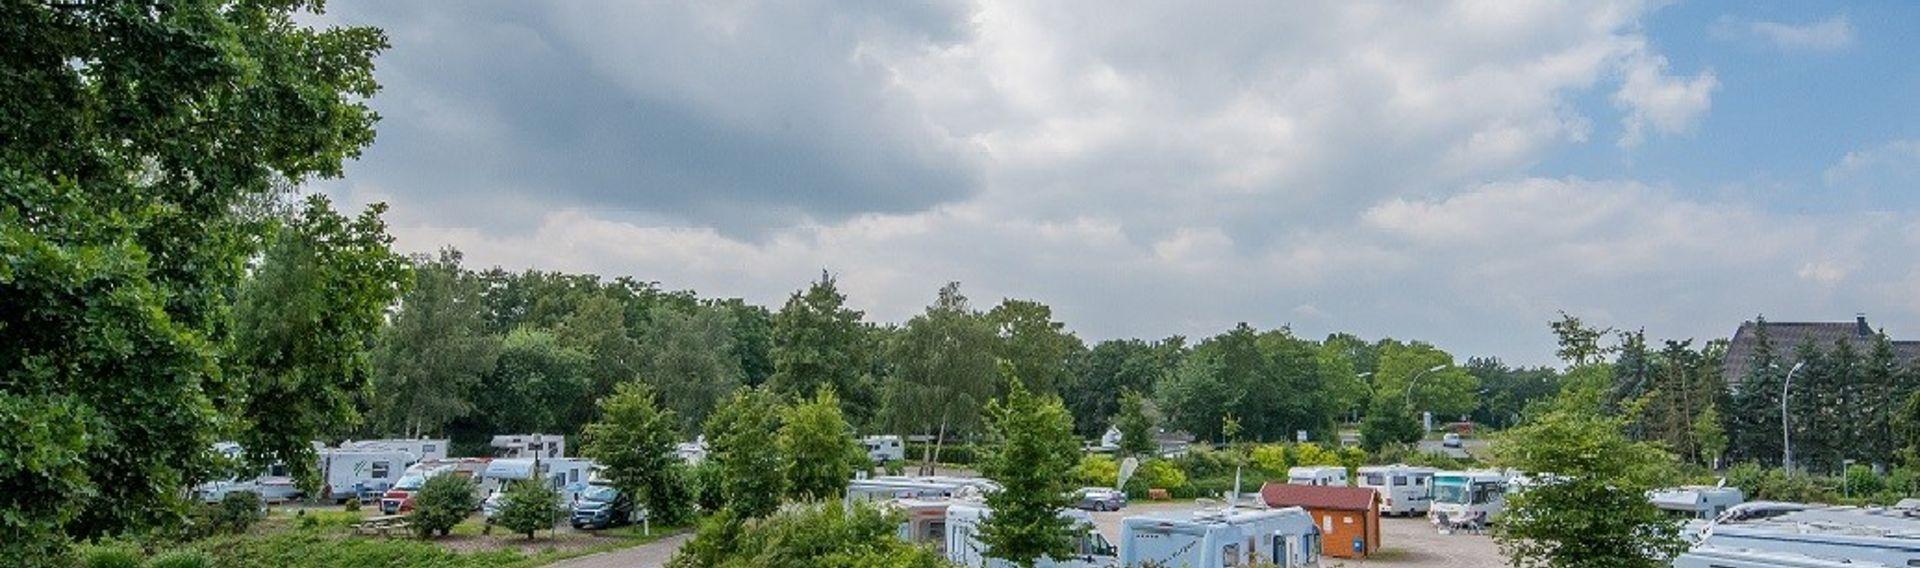 Stellplätze Dorsten Reisemobilhafen An der Lippe